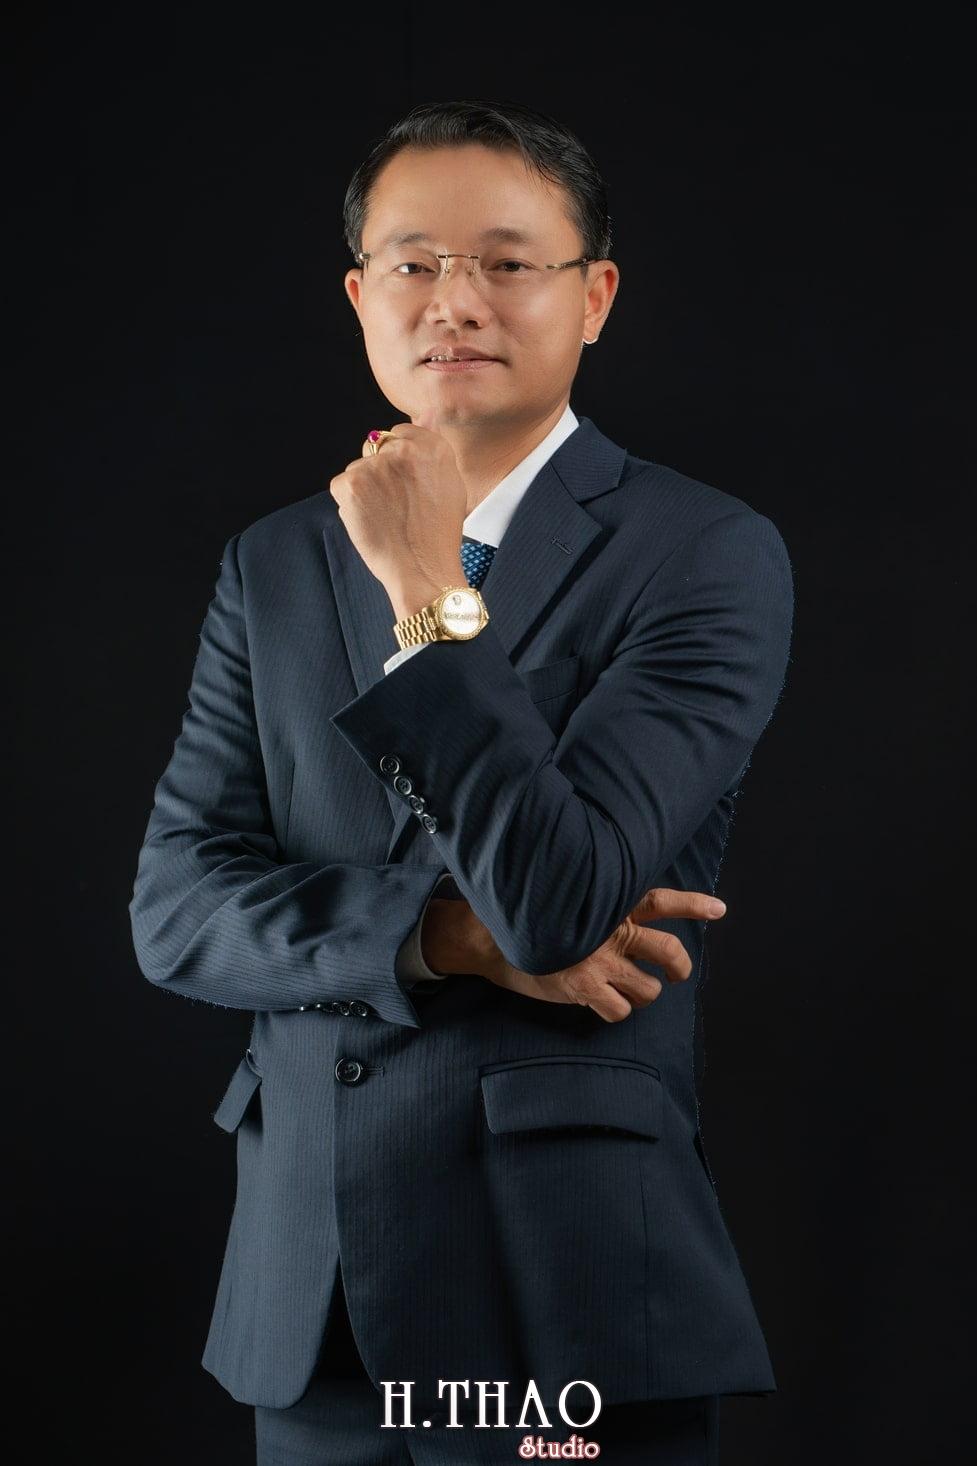 Anh Doanh Nhan 2 - Studio chuyên chụp ảnh profile công ty tại Tp.HCM – HThao Studio